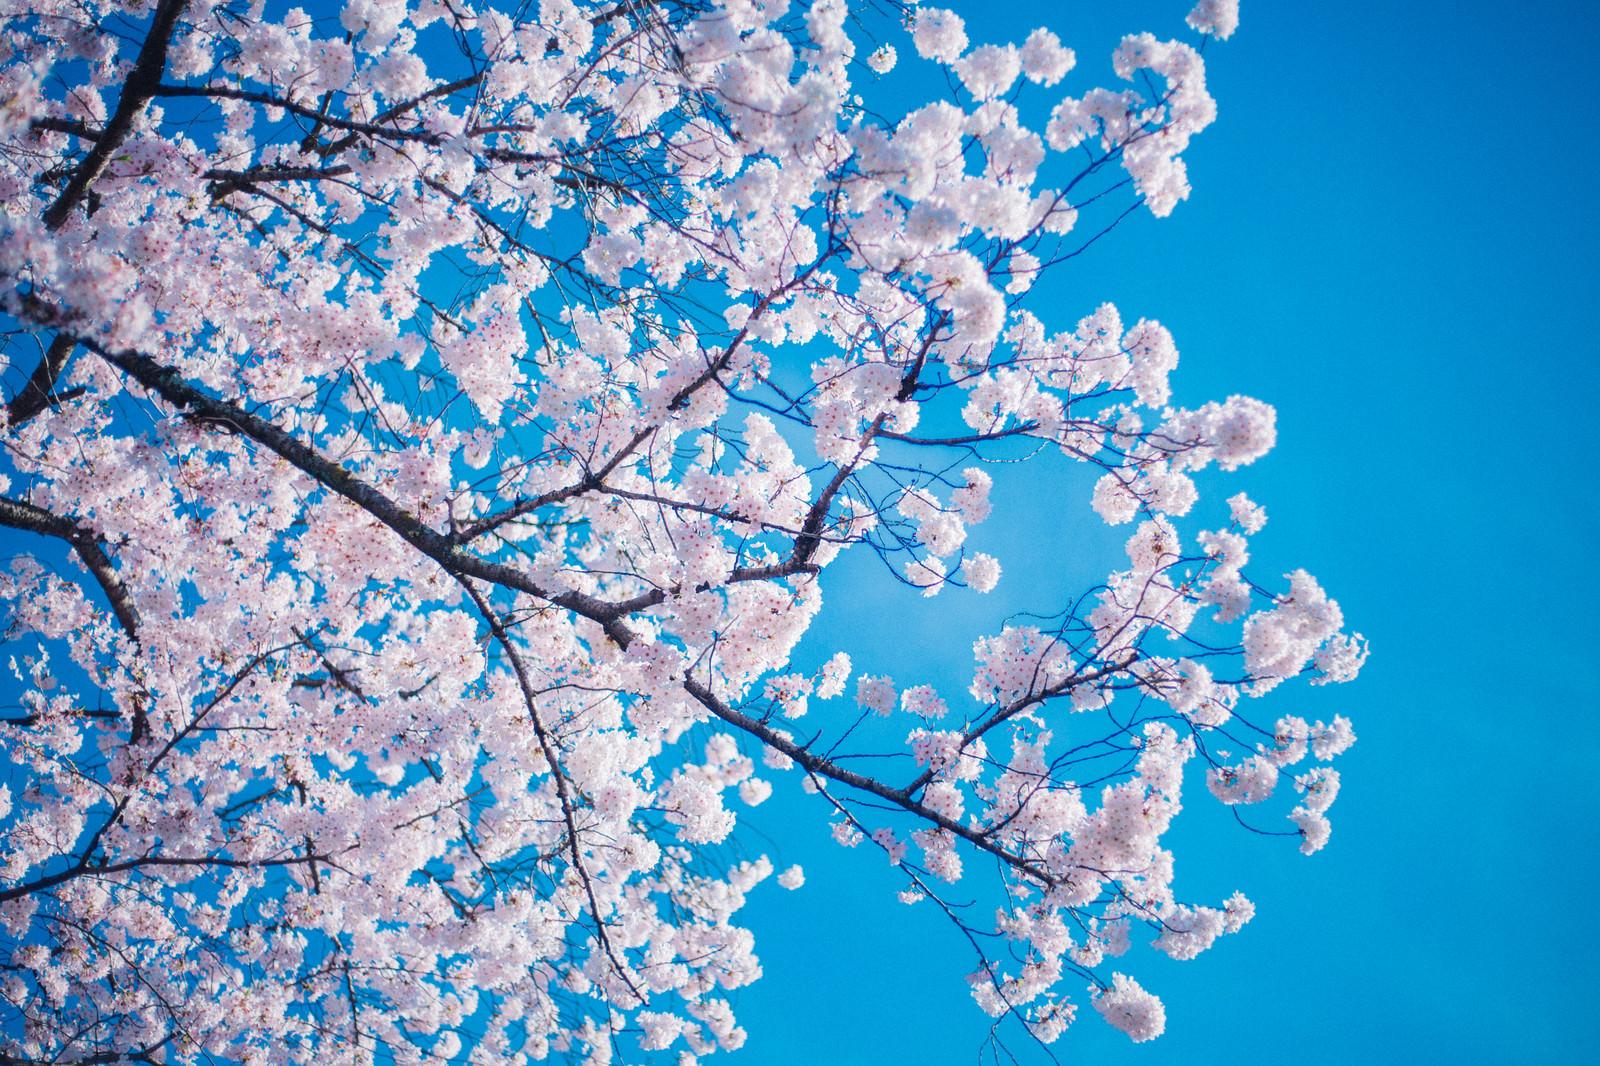 「桜(青空バック)桜(青空バック)」のフリー写真素材を拡大